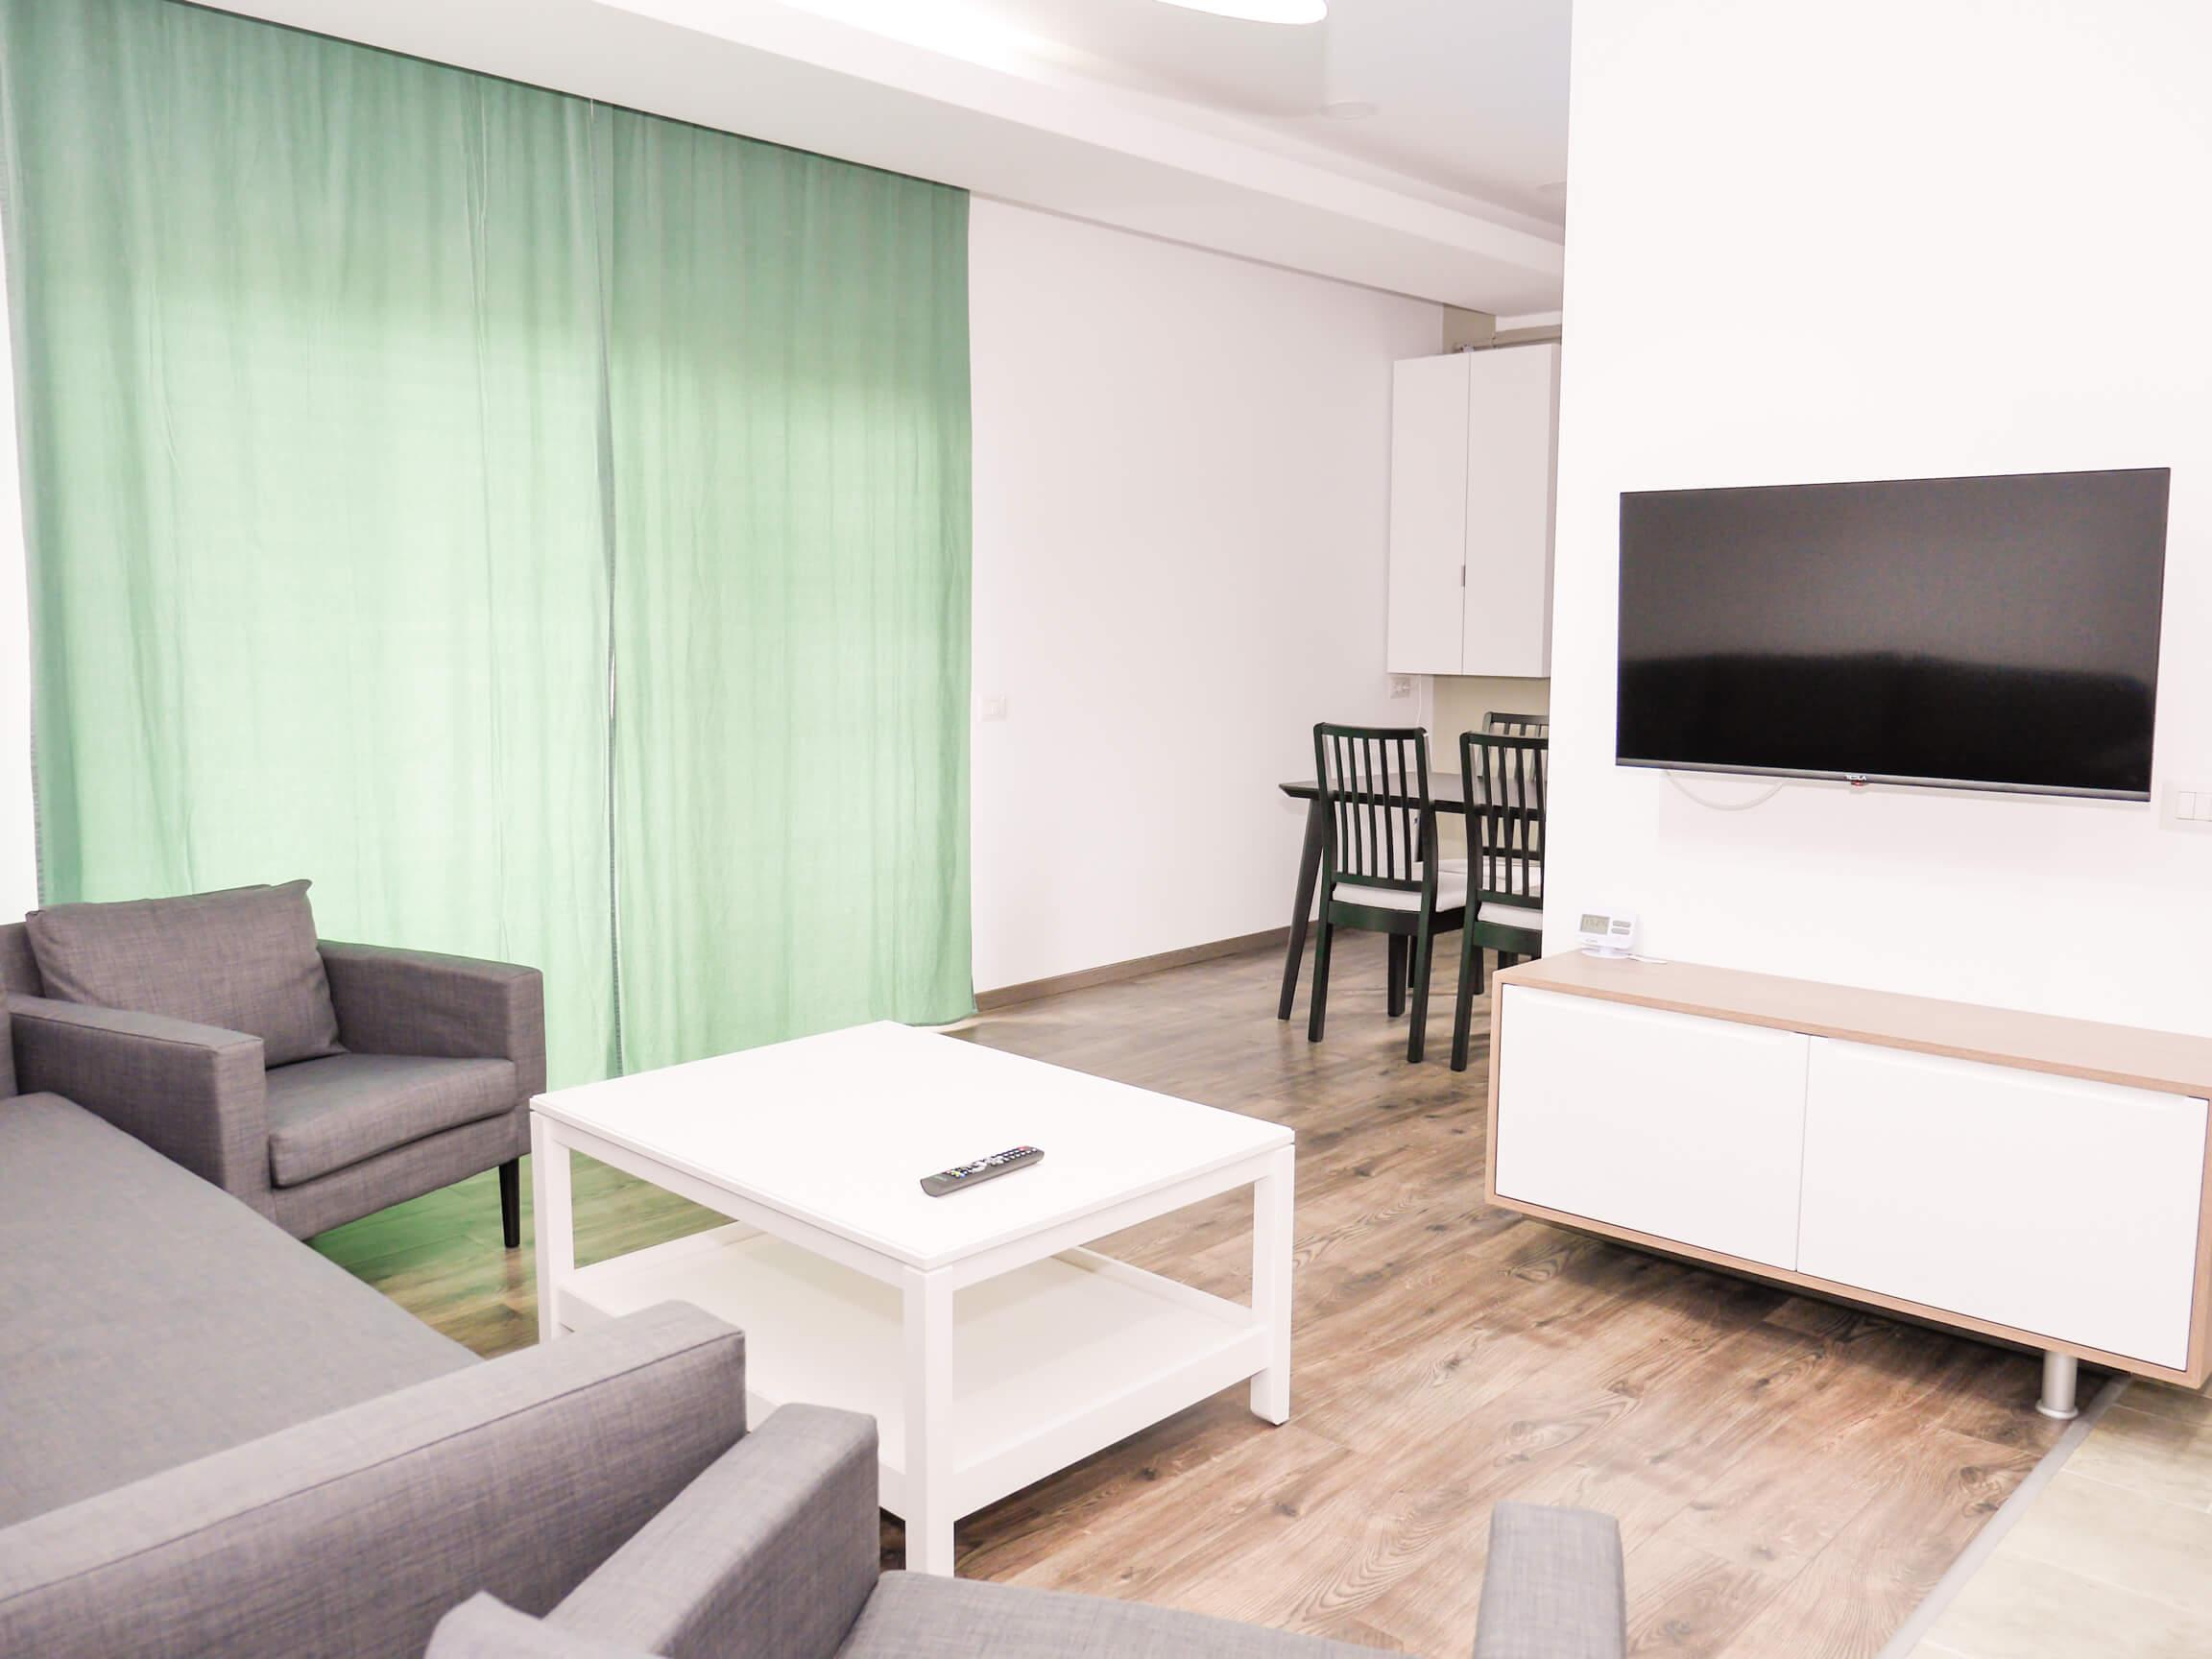 Clement Apartments - apartamente de inchiriat in regim hotelier - cazare neamt - cazare piatra neamt - apartament 7 (2)